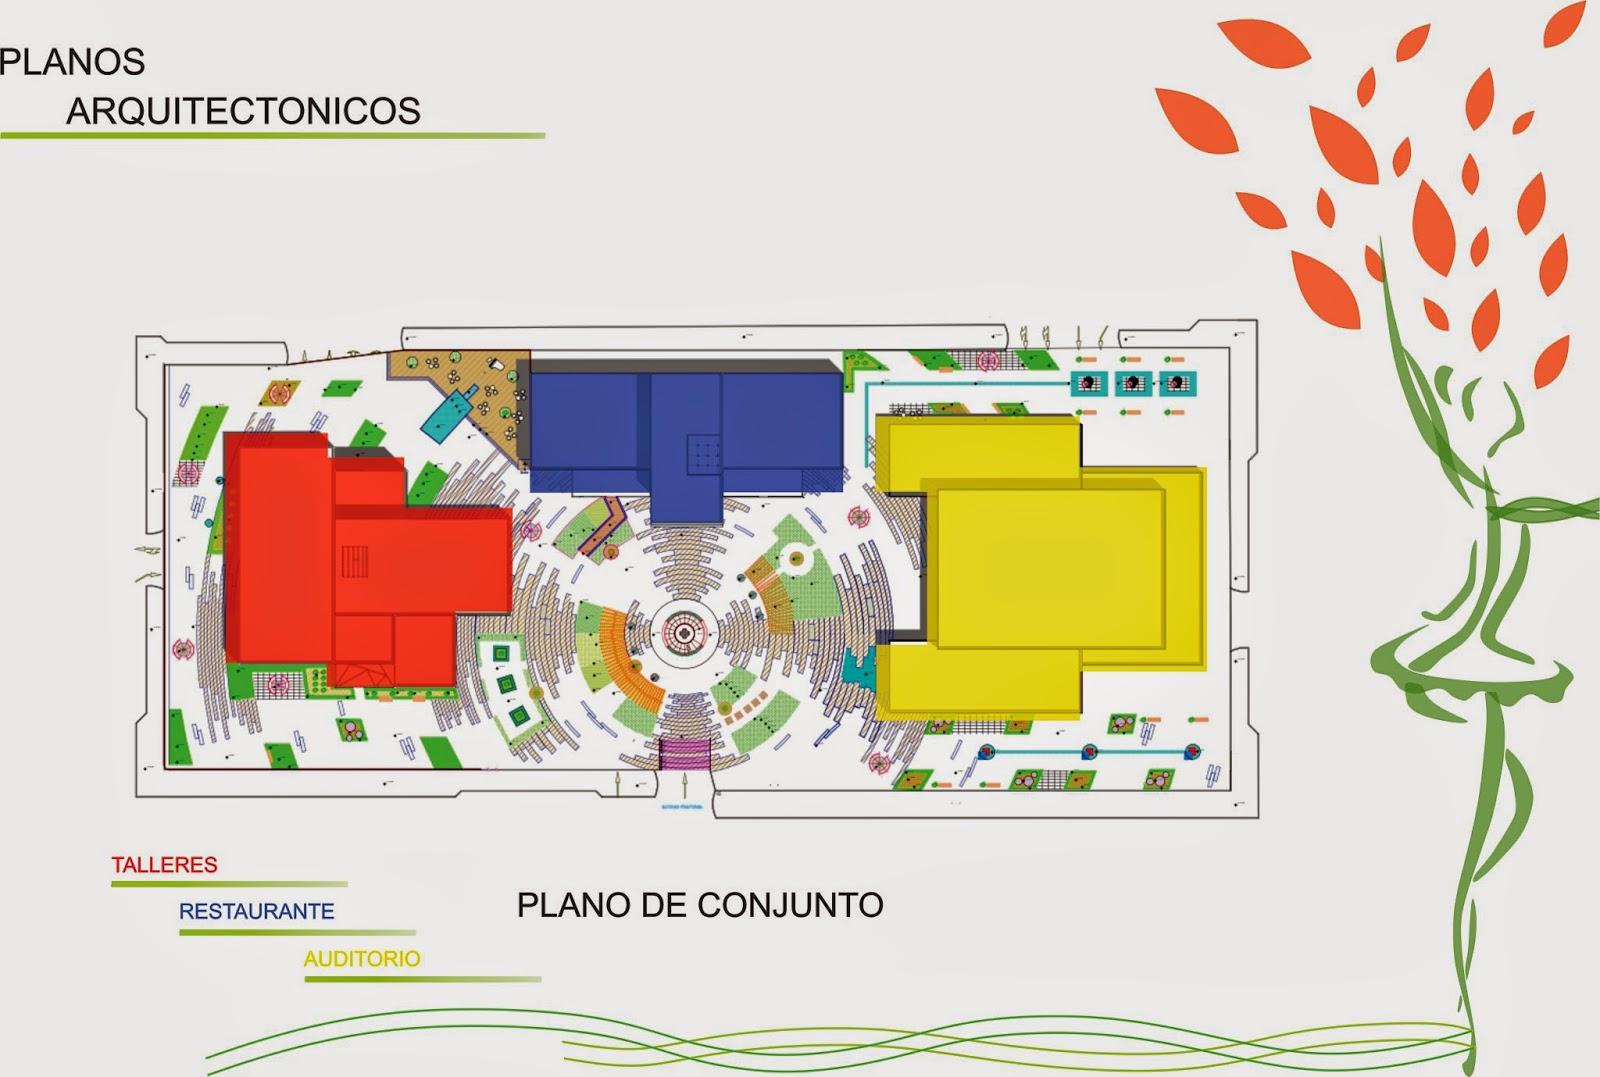 Centro cultural xaman ha proyecto arquitect nico for Representacion de planos arquitectonicos